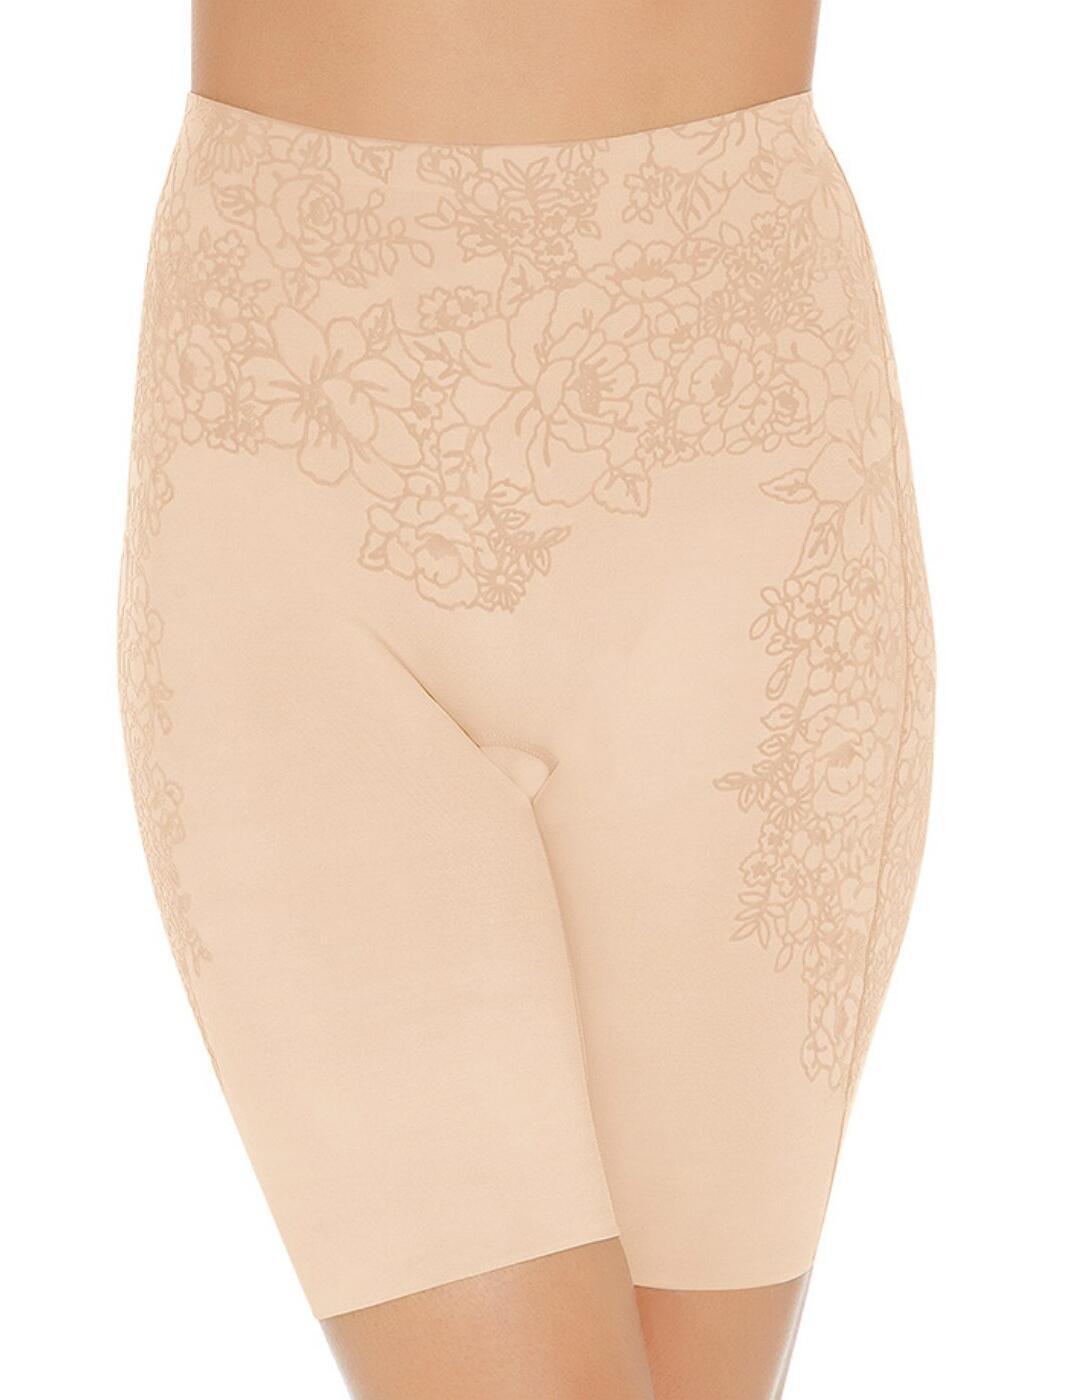 GRA351 Wacoal Flower Power High Waist Long Pant - GRA351 Skin